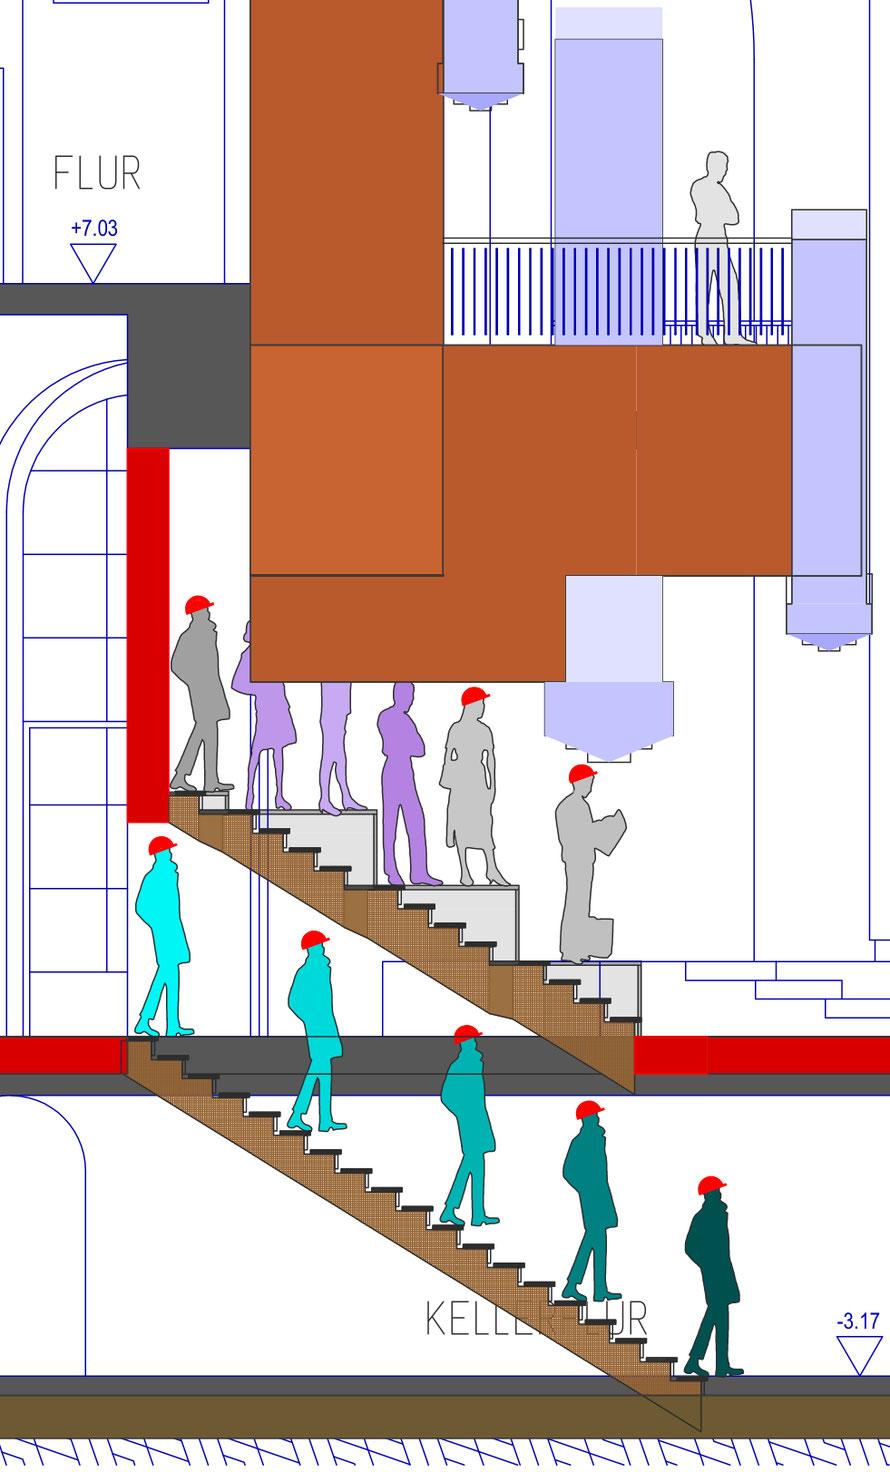 Entwurf des geplanten Umbaus mit lichter Höhe der Treppe zur Krypta von 1,90 m mit Darstellung der Klais-Orgel, die  stören würde